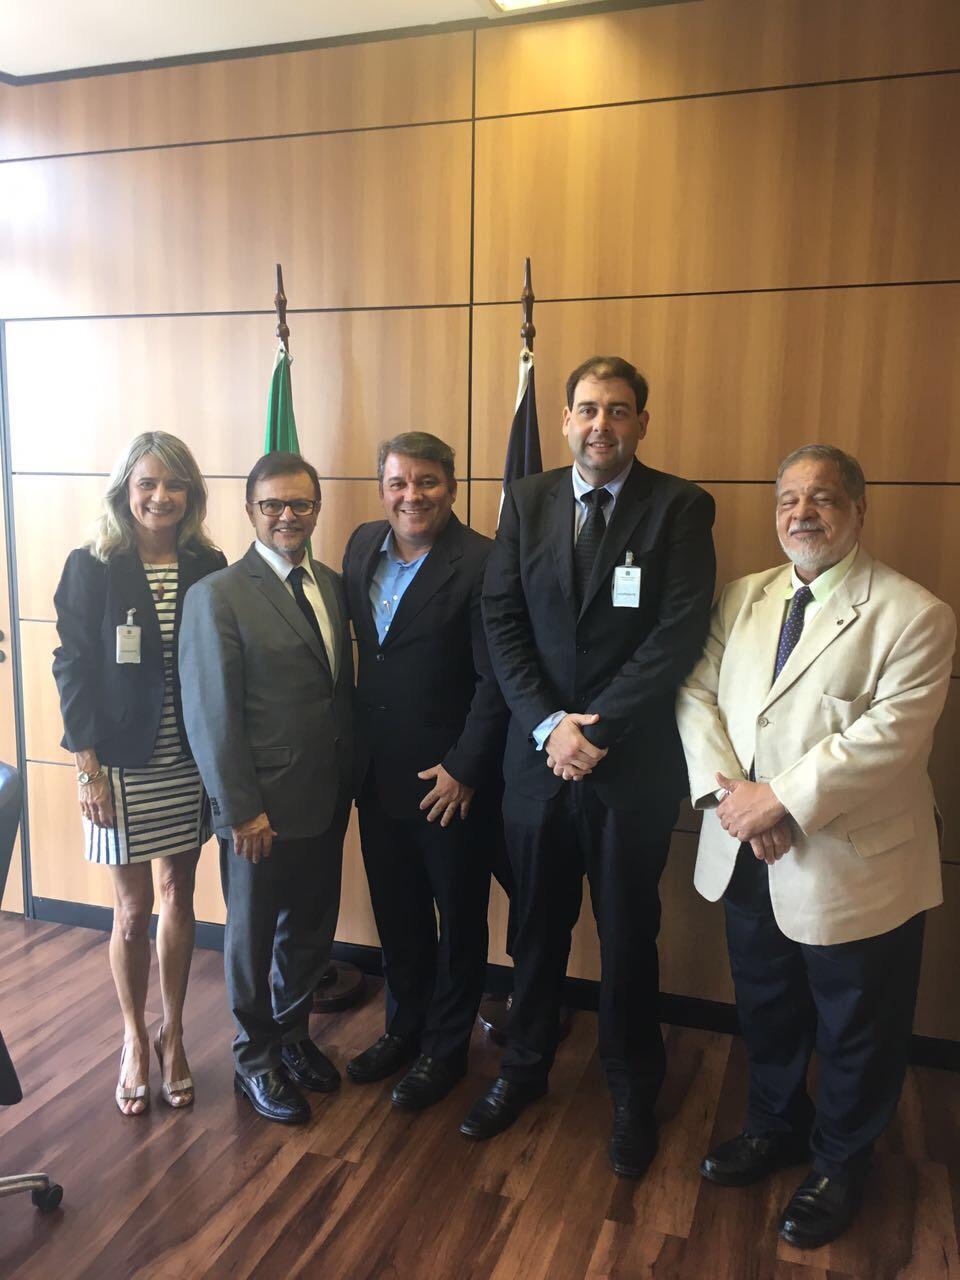 Prefeitura de Lauro de Freitas quer apoio no Ministério do Trabalho superar crise do desemprego.